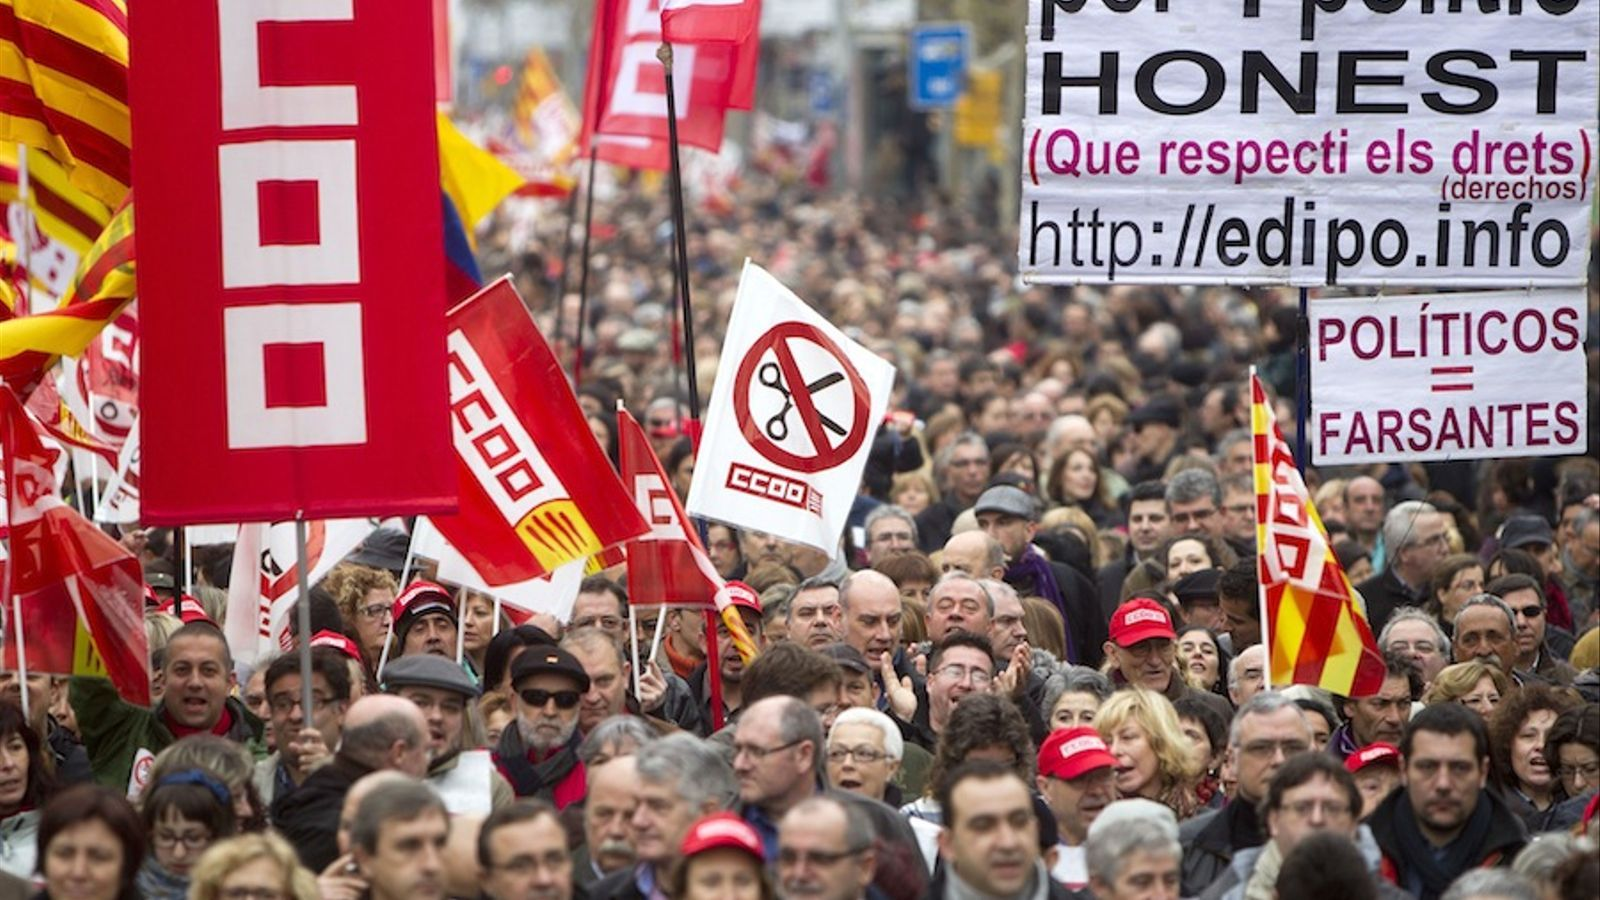 La manifestació de Barcelona contra la reforma laboral, amb pancartes de CCOO i al UGT / JORDI PIZARRO